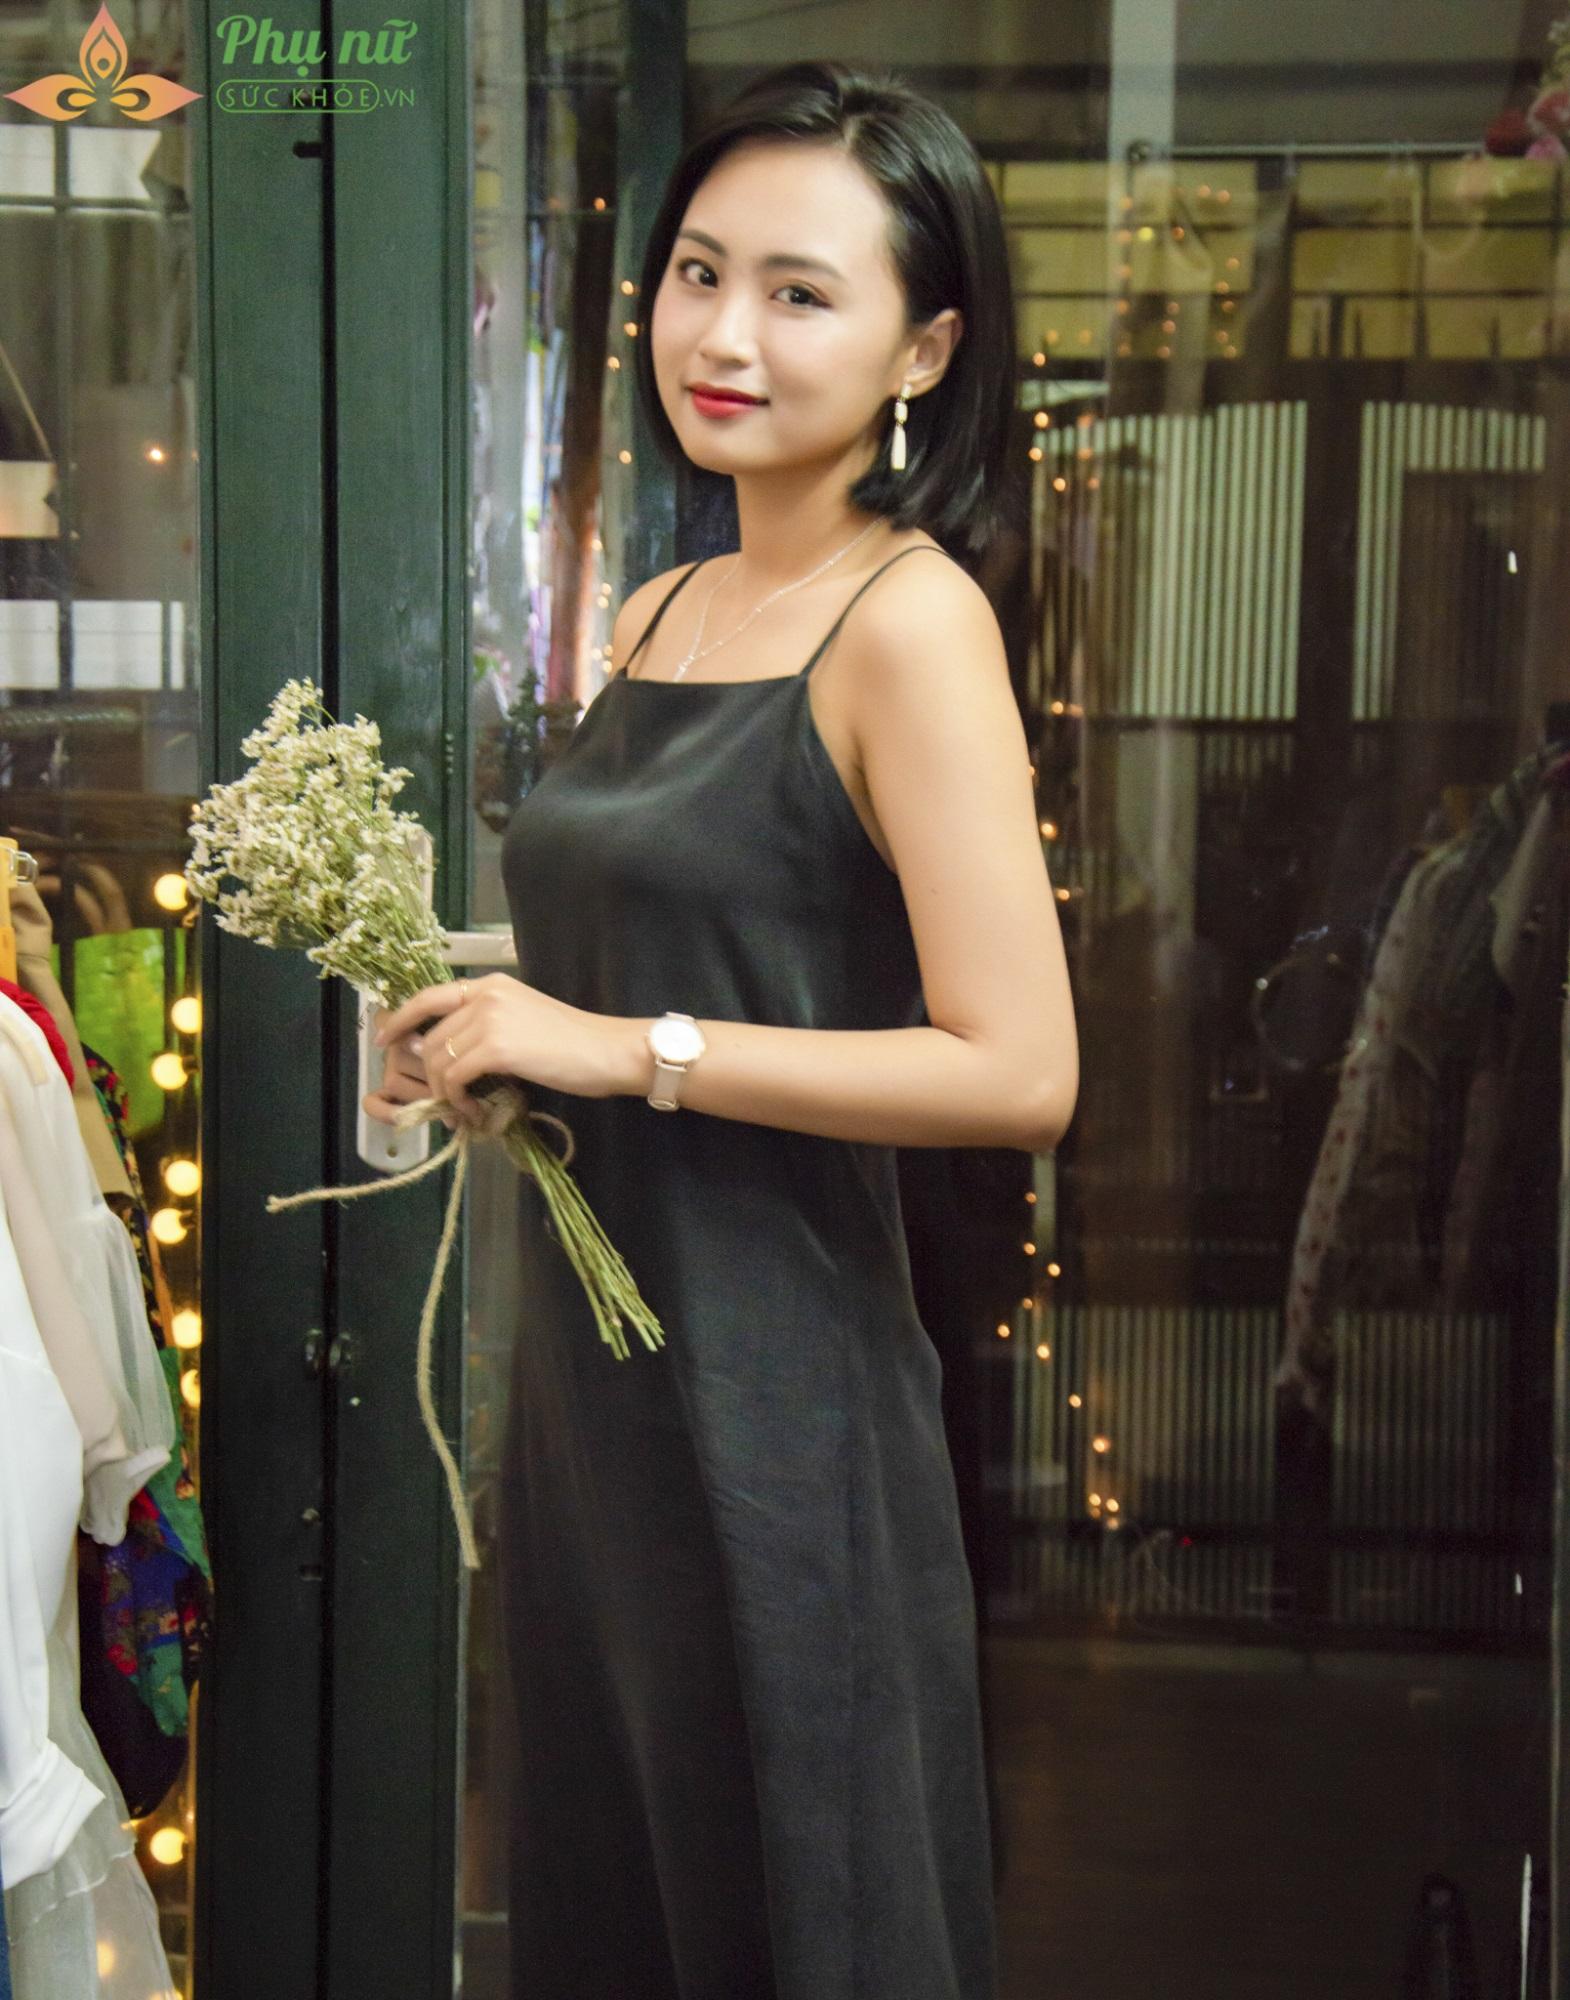 Mỹ nhân Việt mách chị em cách chọn trang phục Retro cho ngày nắng nóng - Ảnh 6